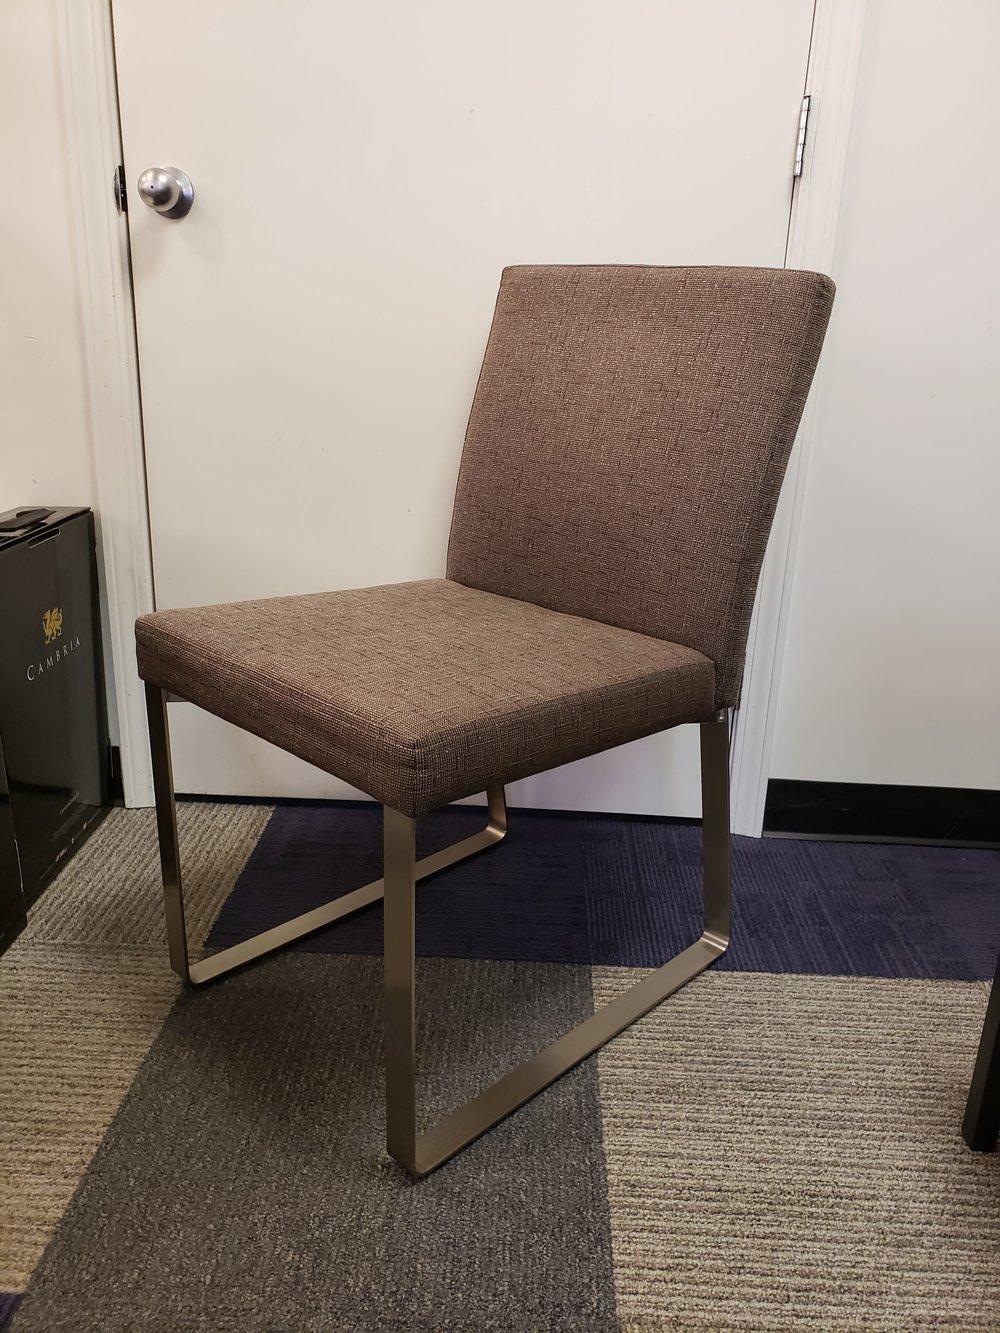 Piccolo Chair